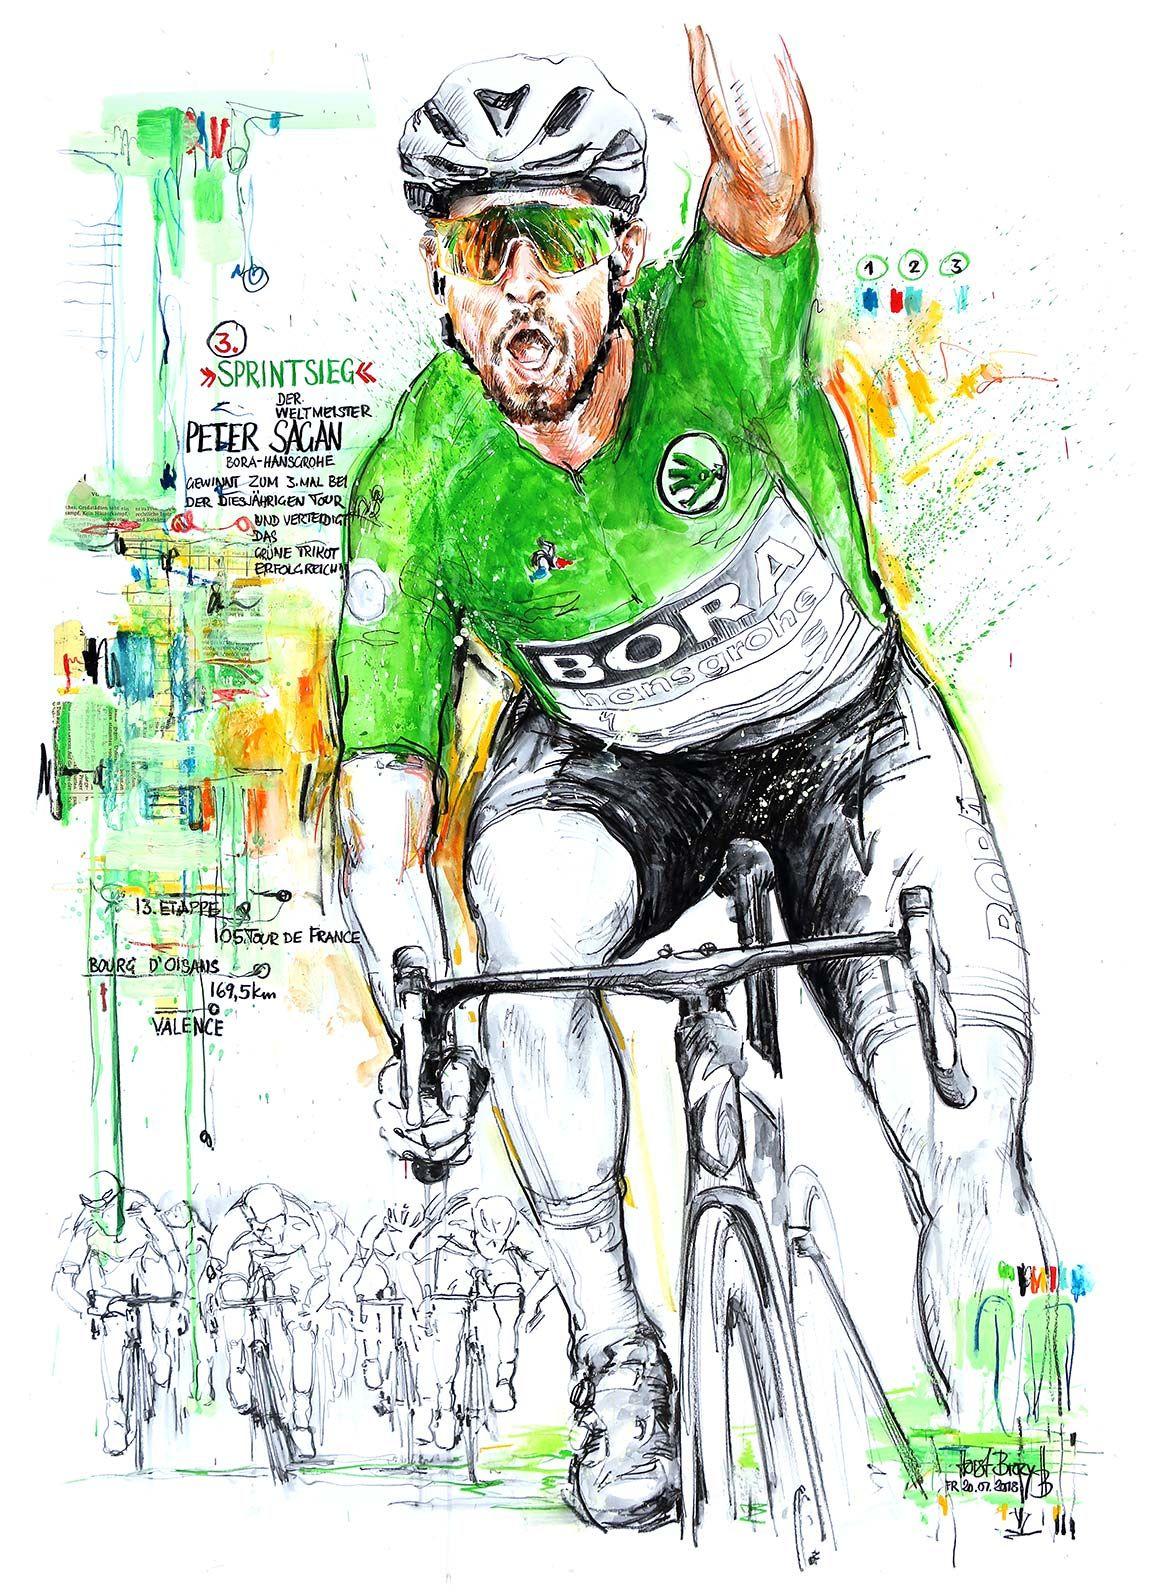 Peter Sagan, Borahansgrohe, gewinnt die 13. Etappe der